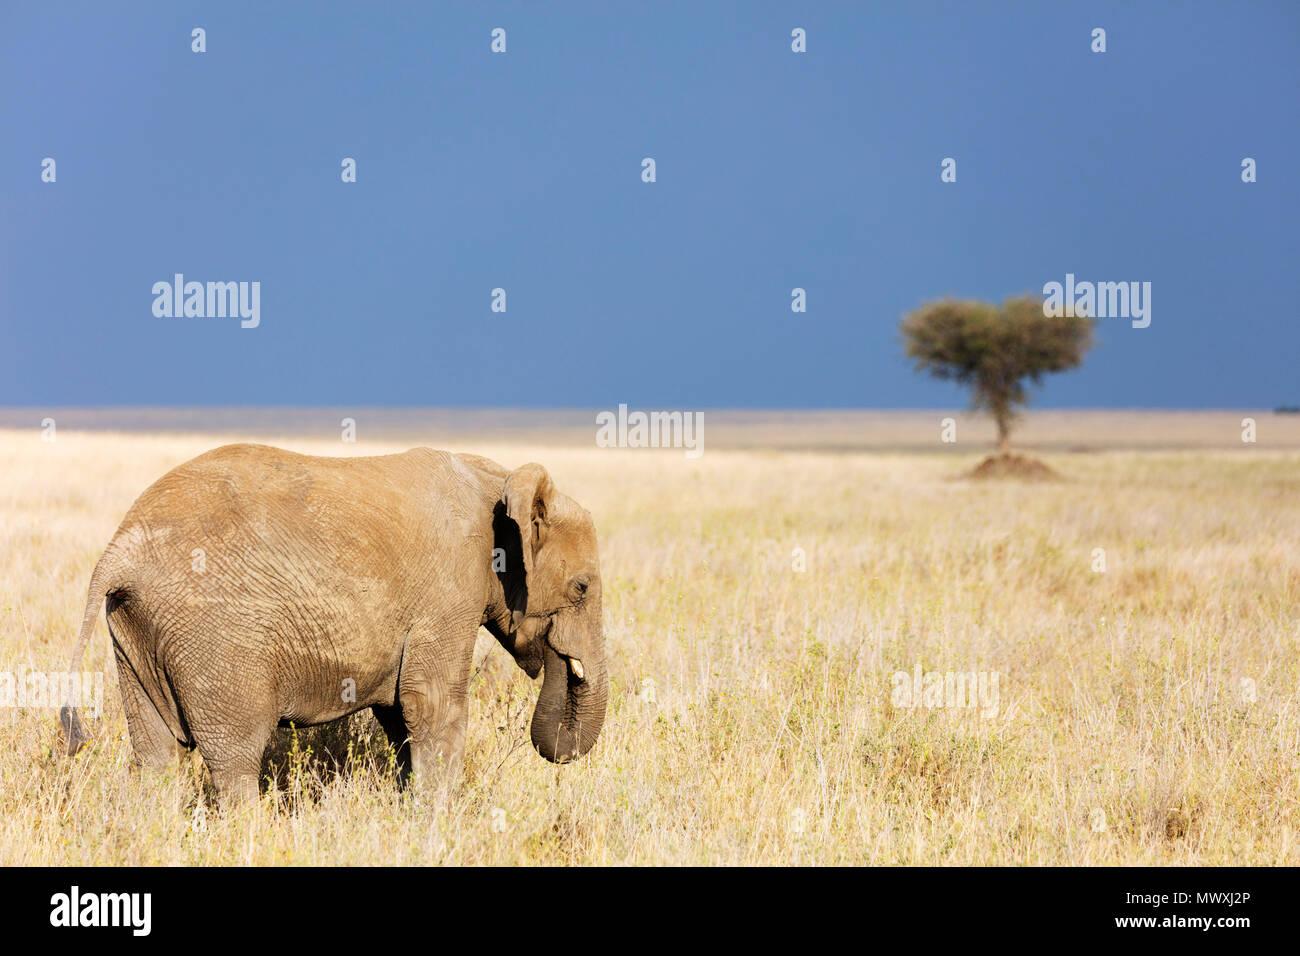 Elefante africano (Loxodonta africana), il Parco Nazionale del Serengeti, Sito Patrimonio Mondiale dell'UNESCO, Tanzania, Africa orientale, Africa Immagini Stock